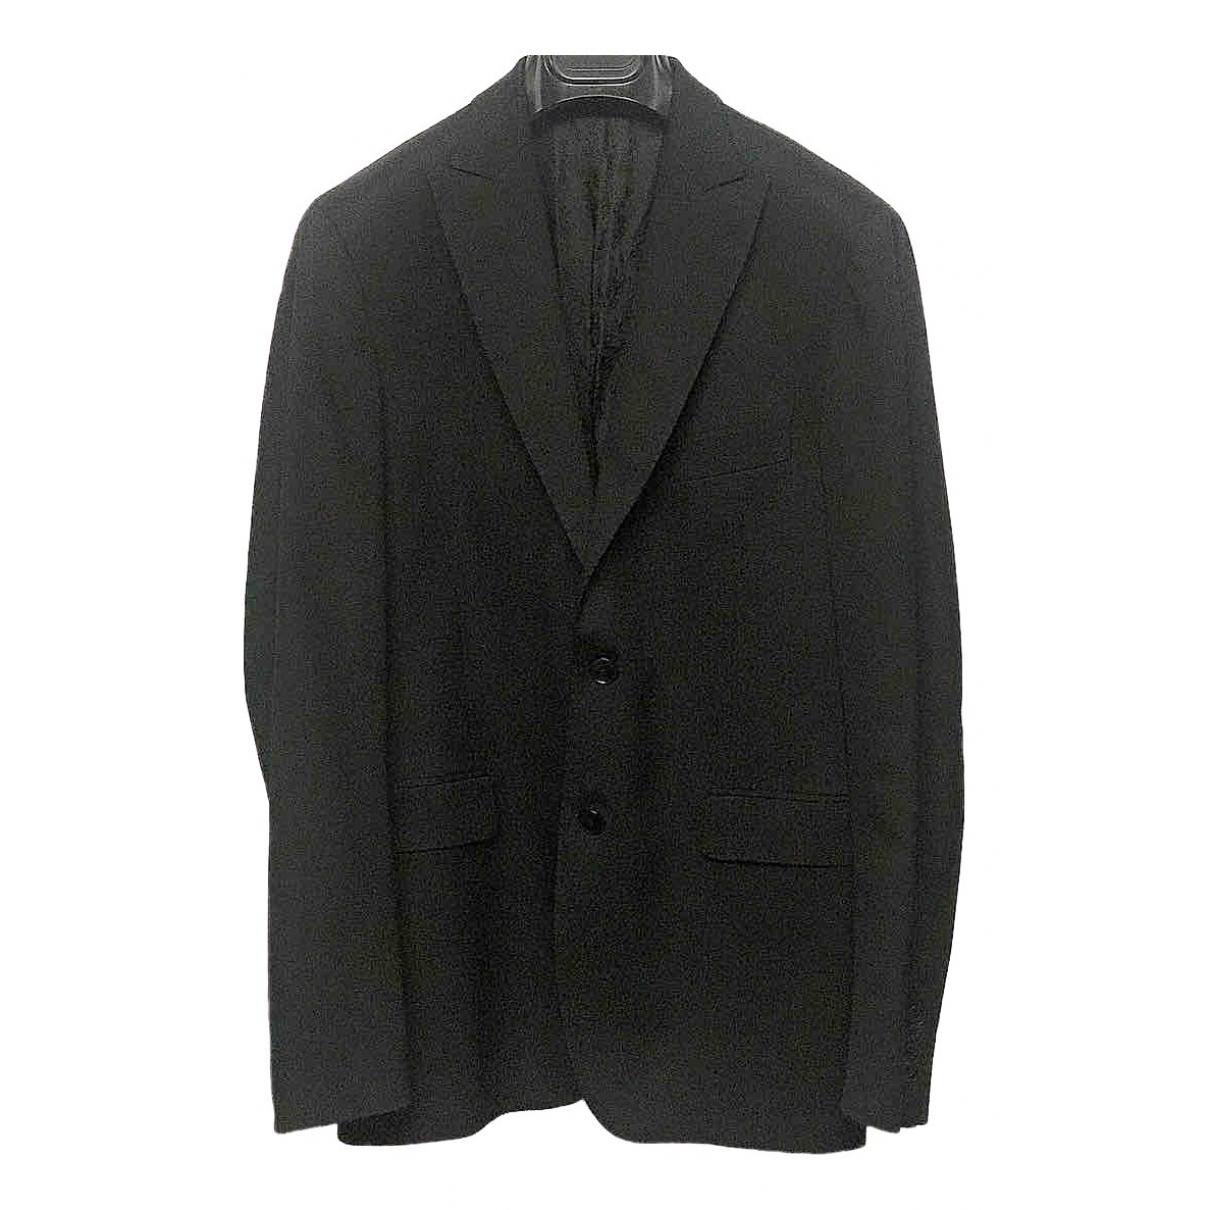 Tagliatore - Vestes.Blousons   pour homme en laine - noir